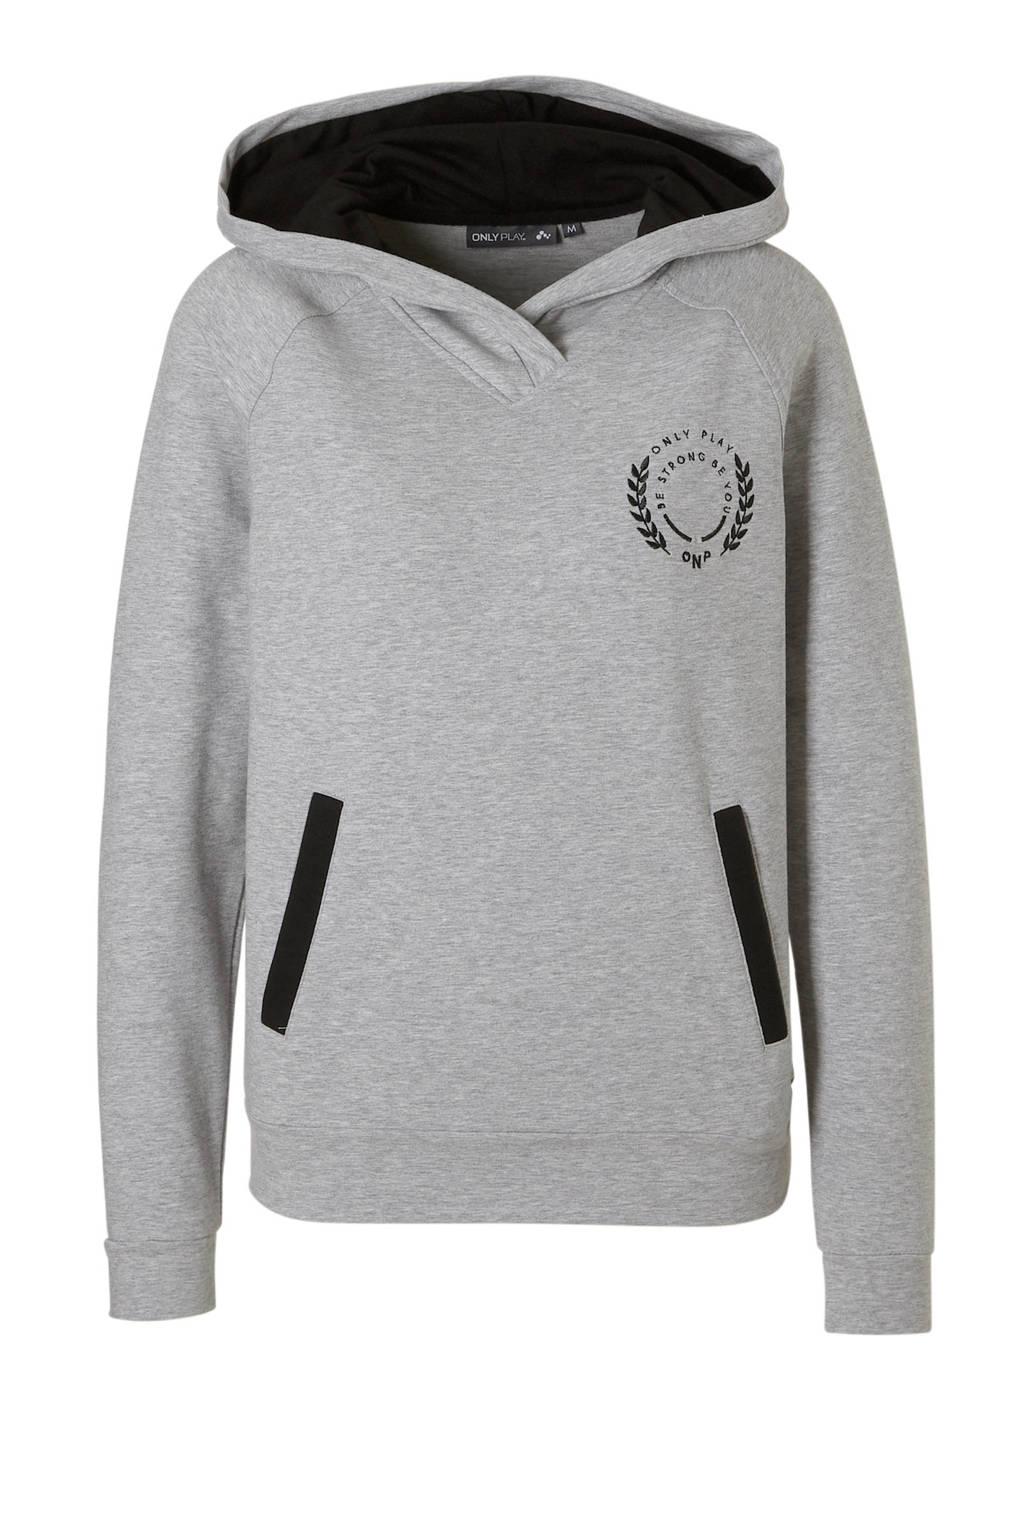 Only Play sportsweater grijs, Grijs/zwart